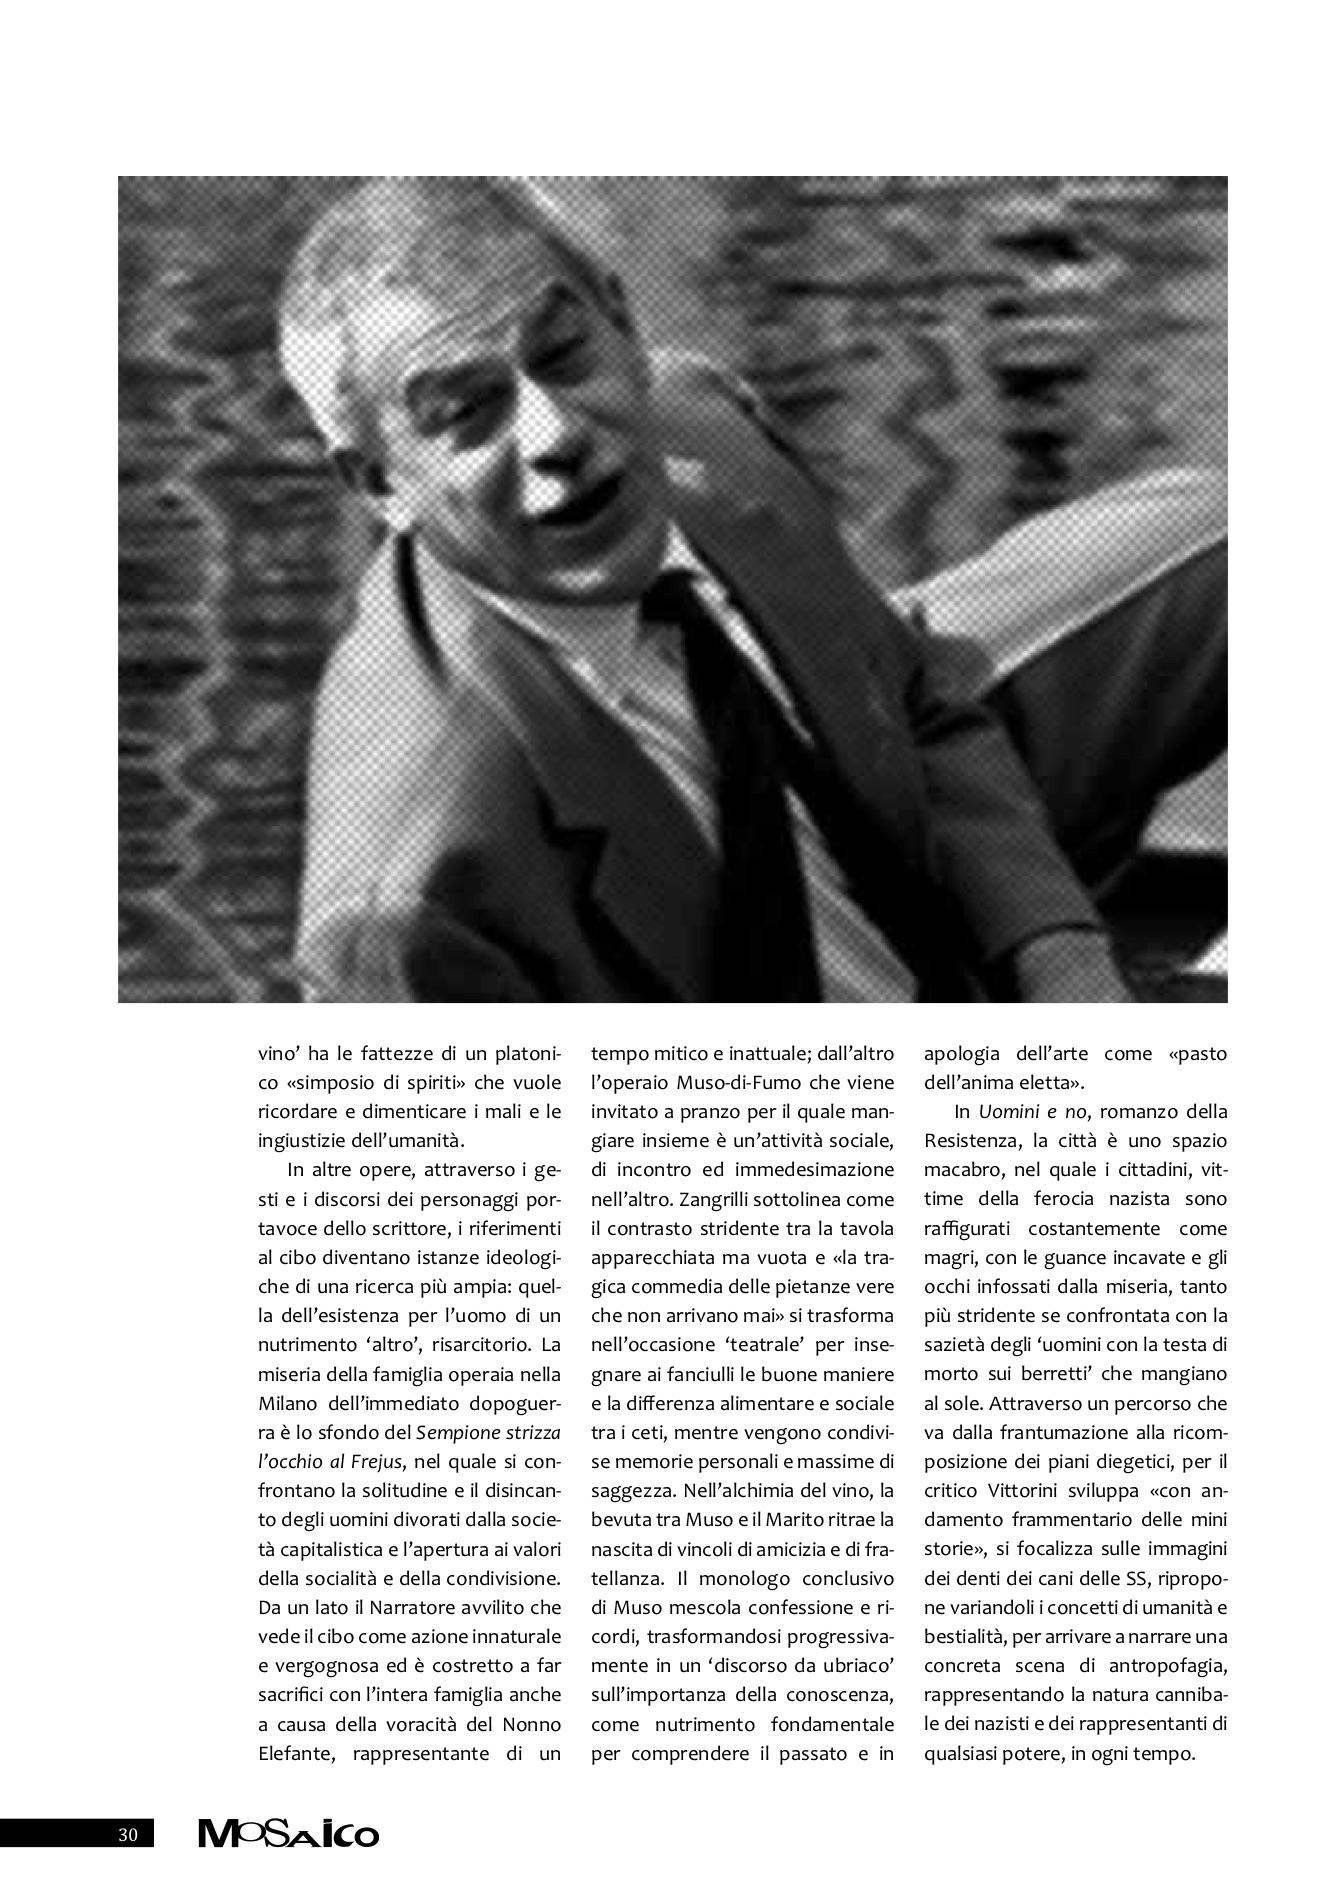 Mosaico 242 -pg 30.jpg